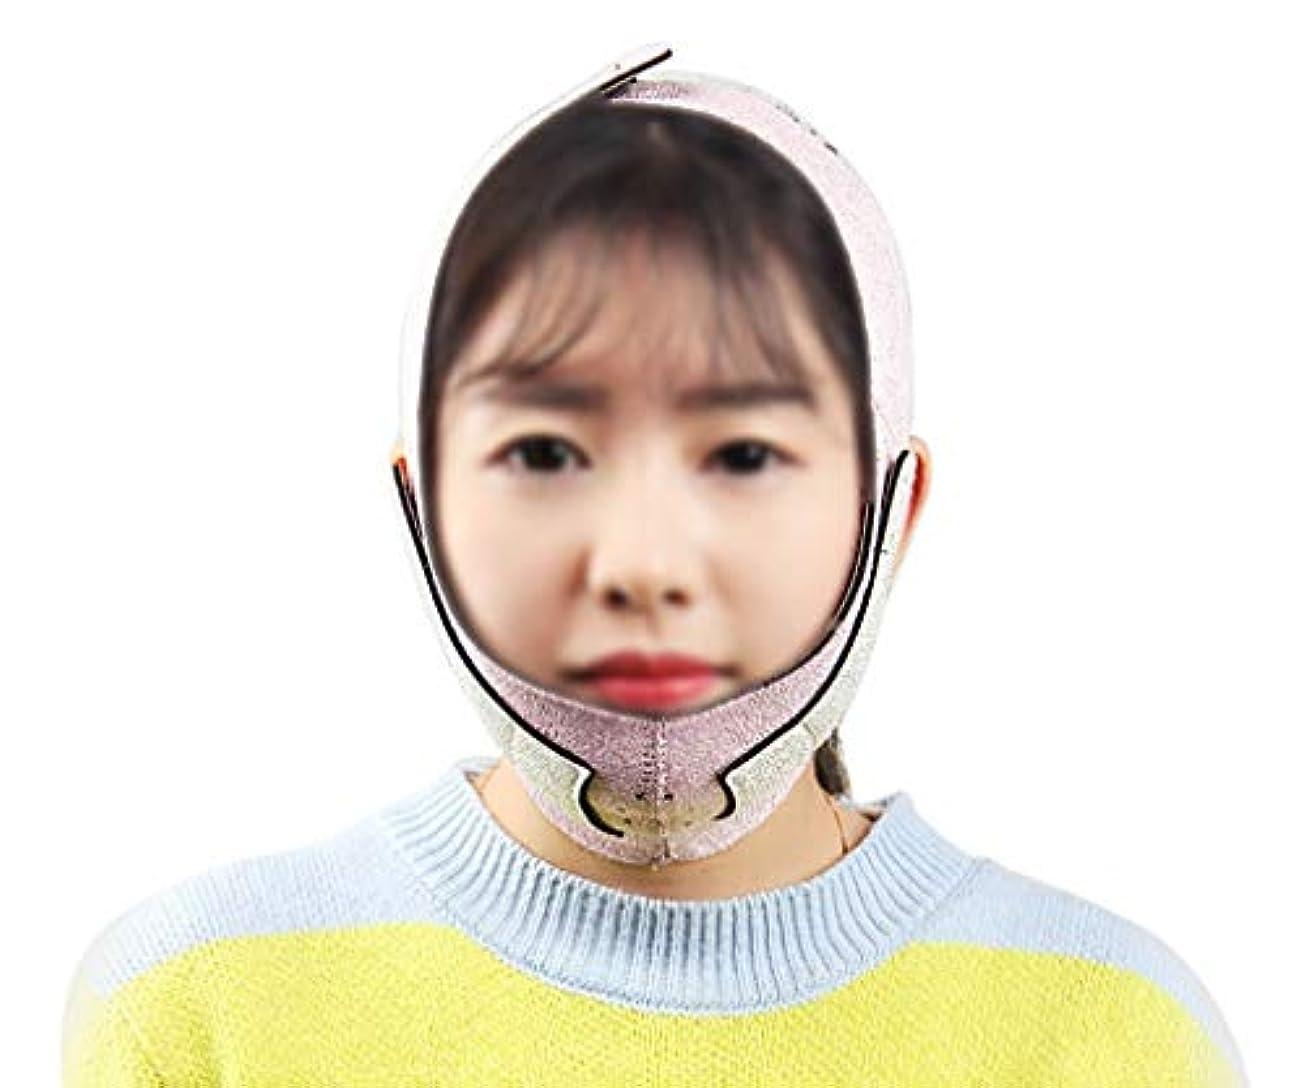 海外で洗剤縁石XHLMRMJ 引き締めフェイスマスク、薄いフェイスバンド新しい締め付け二重あごフェイスリフティングアーティファクトVフェイスバンデージ(3フェイスバンデージ)